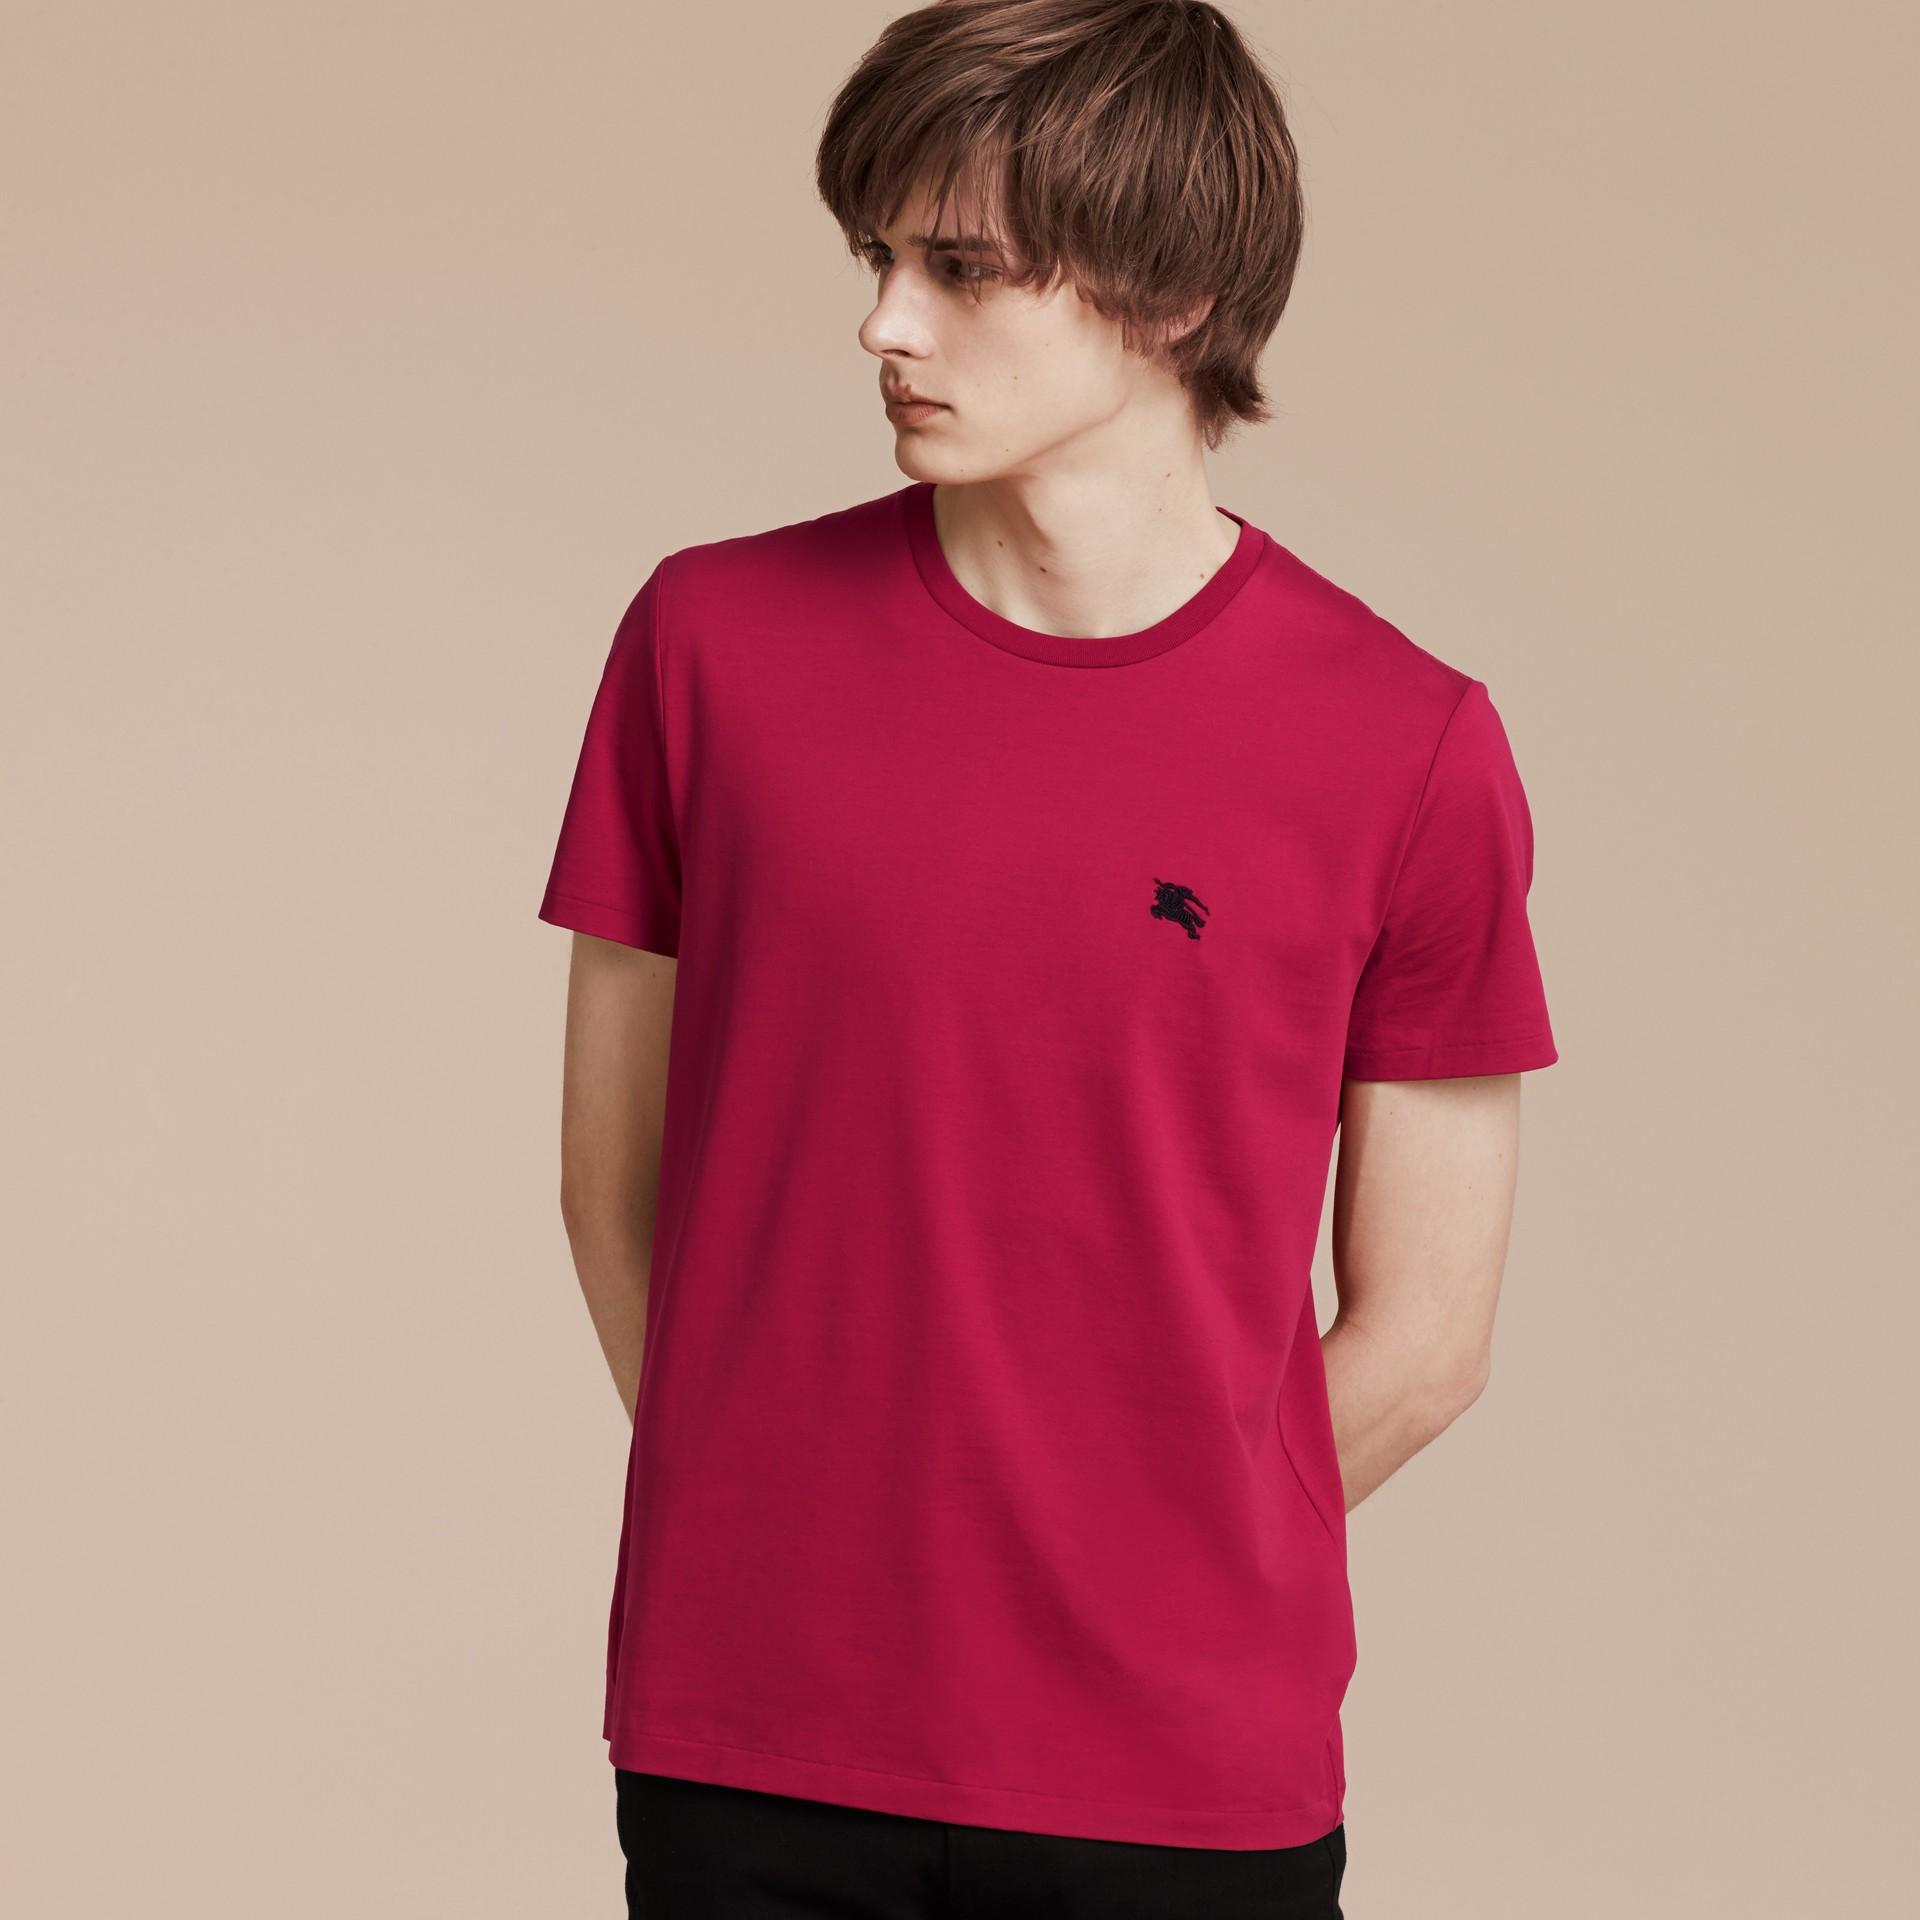 Fucsia acceso T-shirt in cotone morbidissimo Fucsia Acceso - immagine della galleria 6